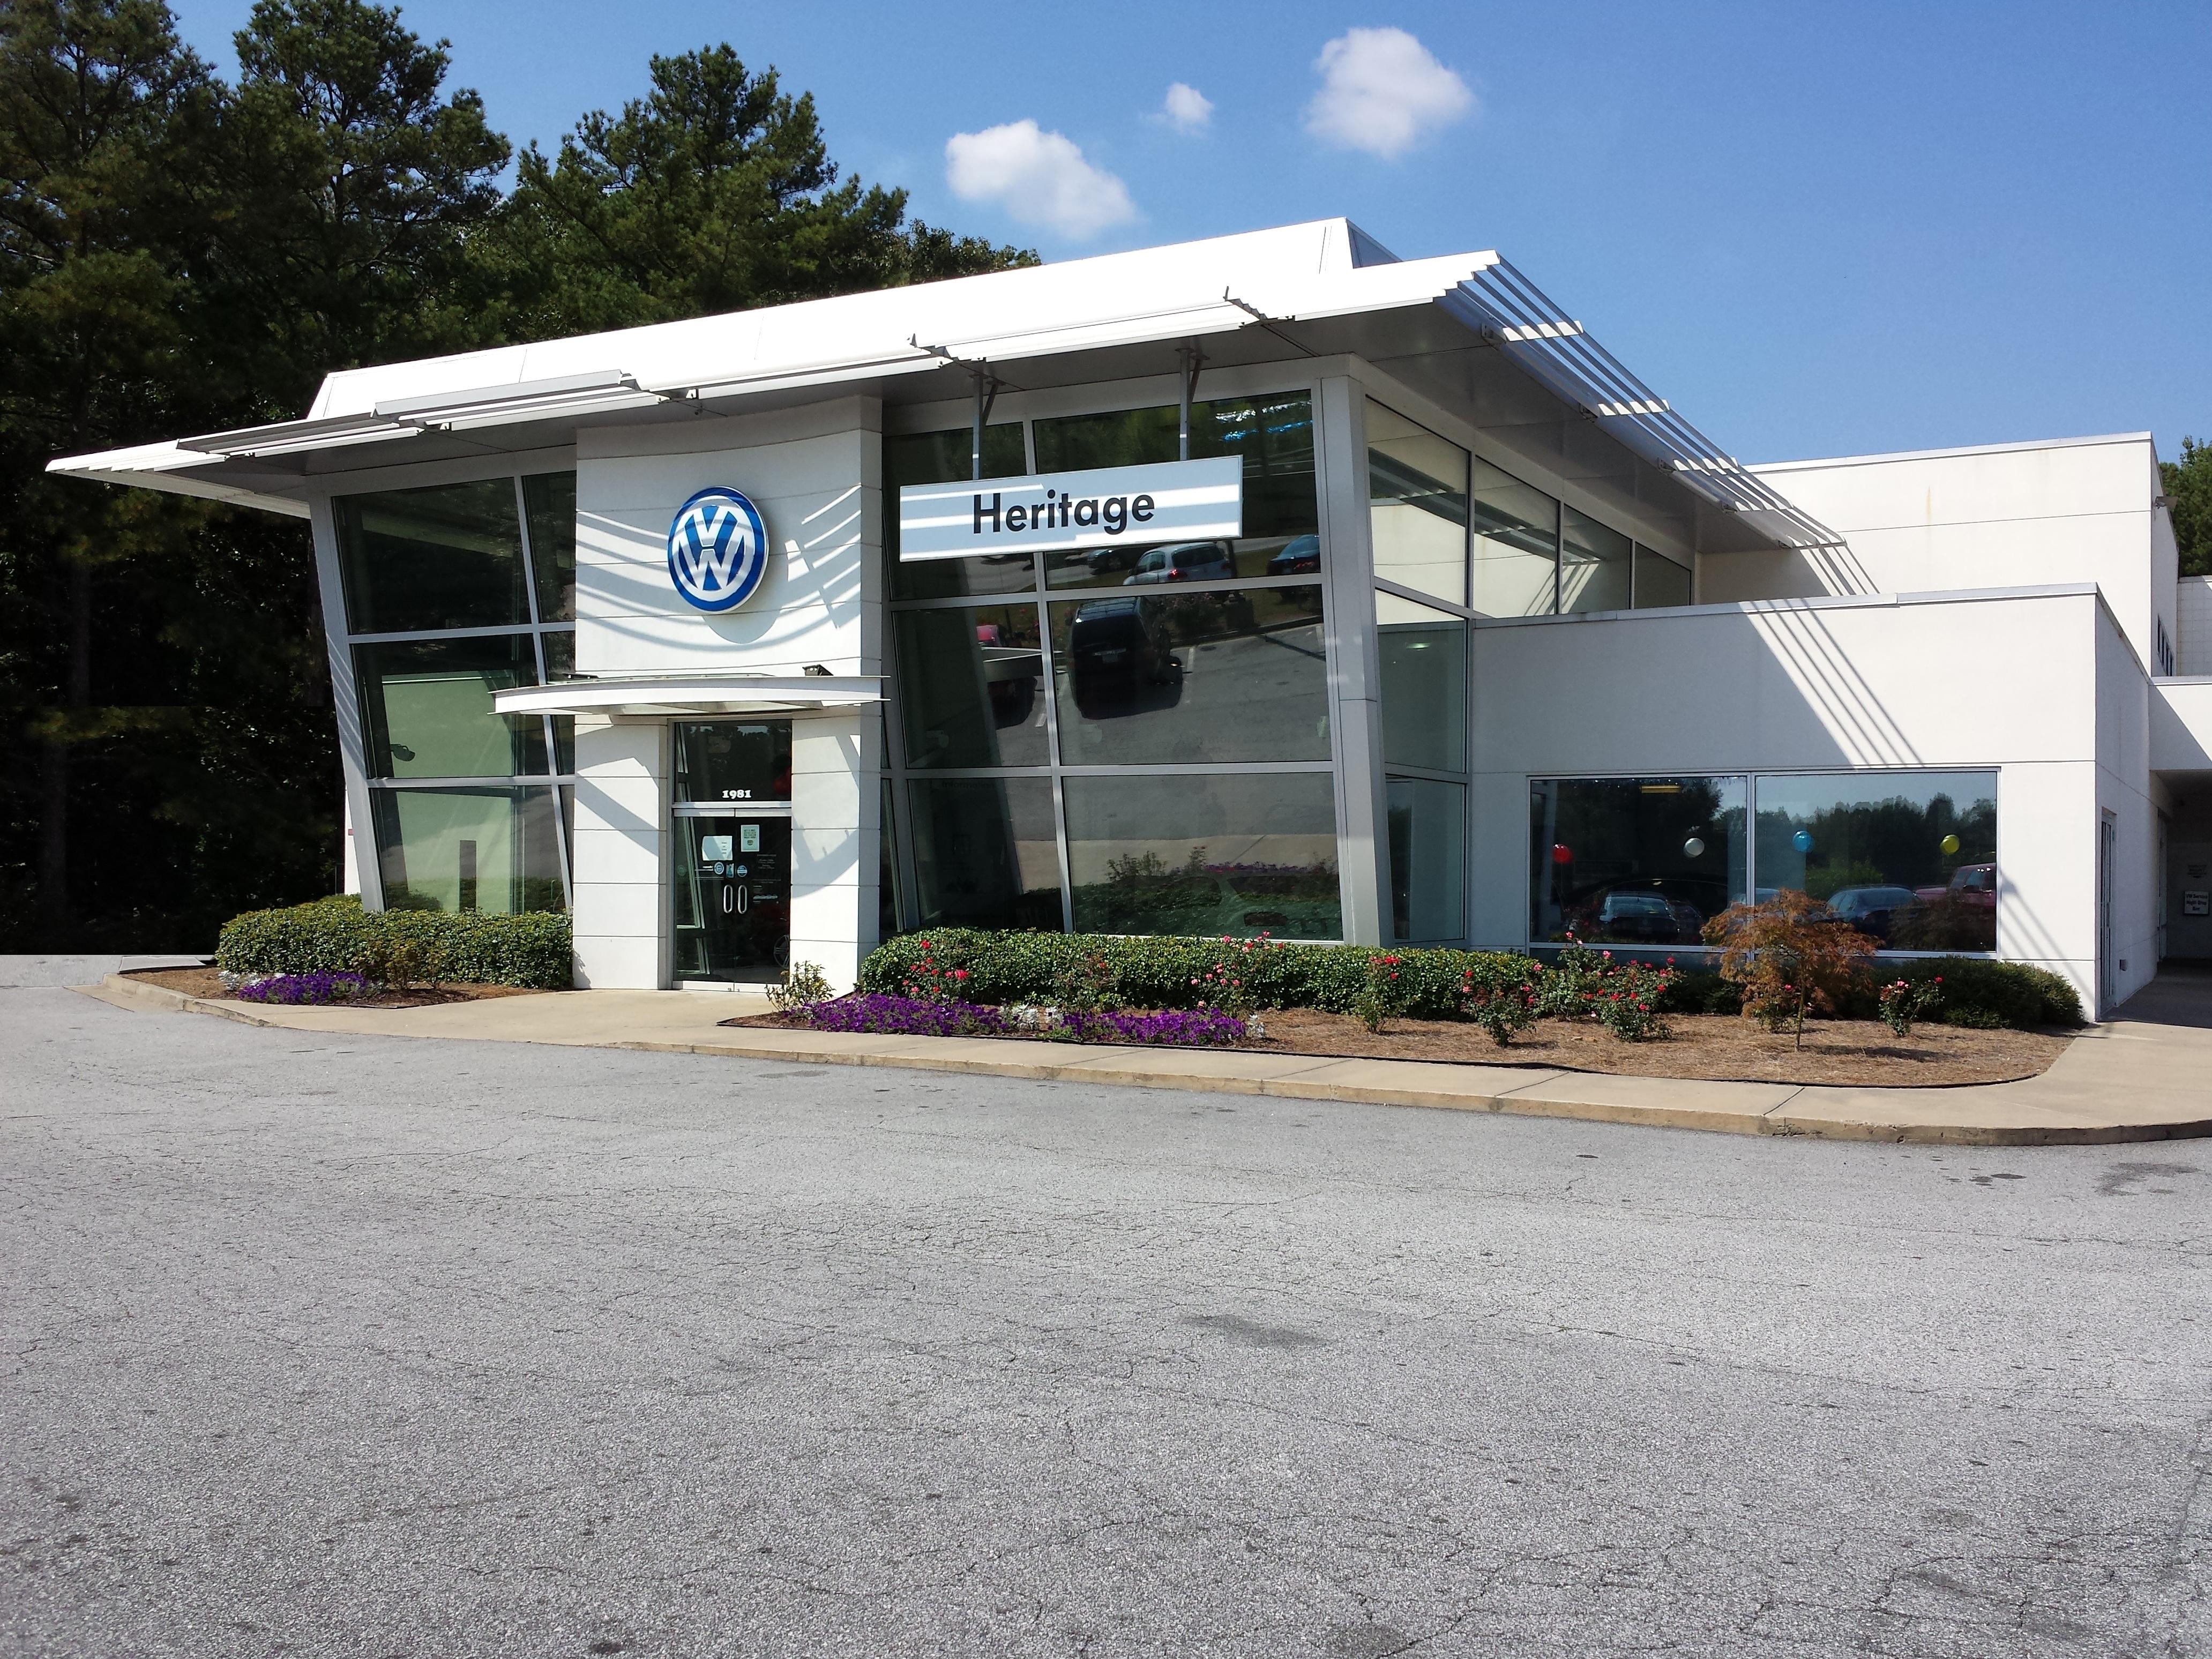 Volkswagen Thornton Road >> Heritage Volkswagen of West Atlanta - 1981 Thornton Road, Lithia Springs, GA | n49.com